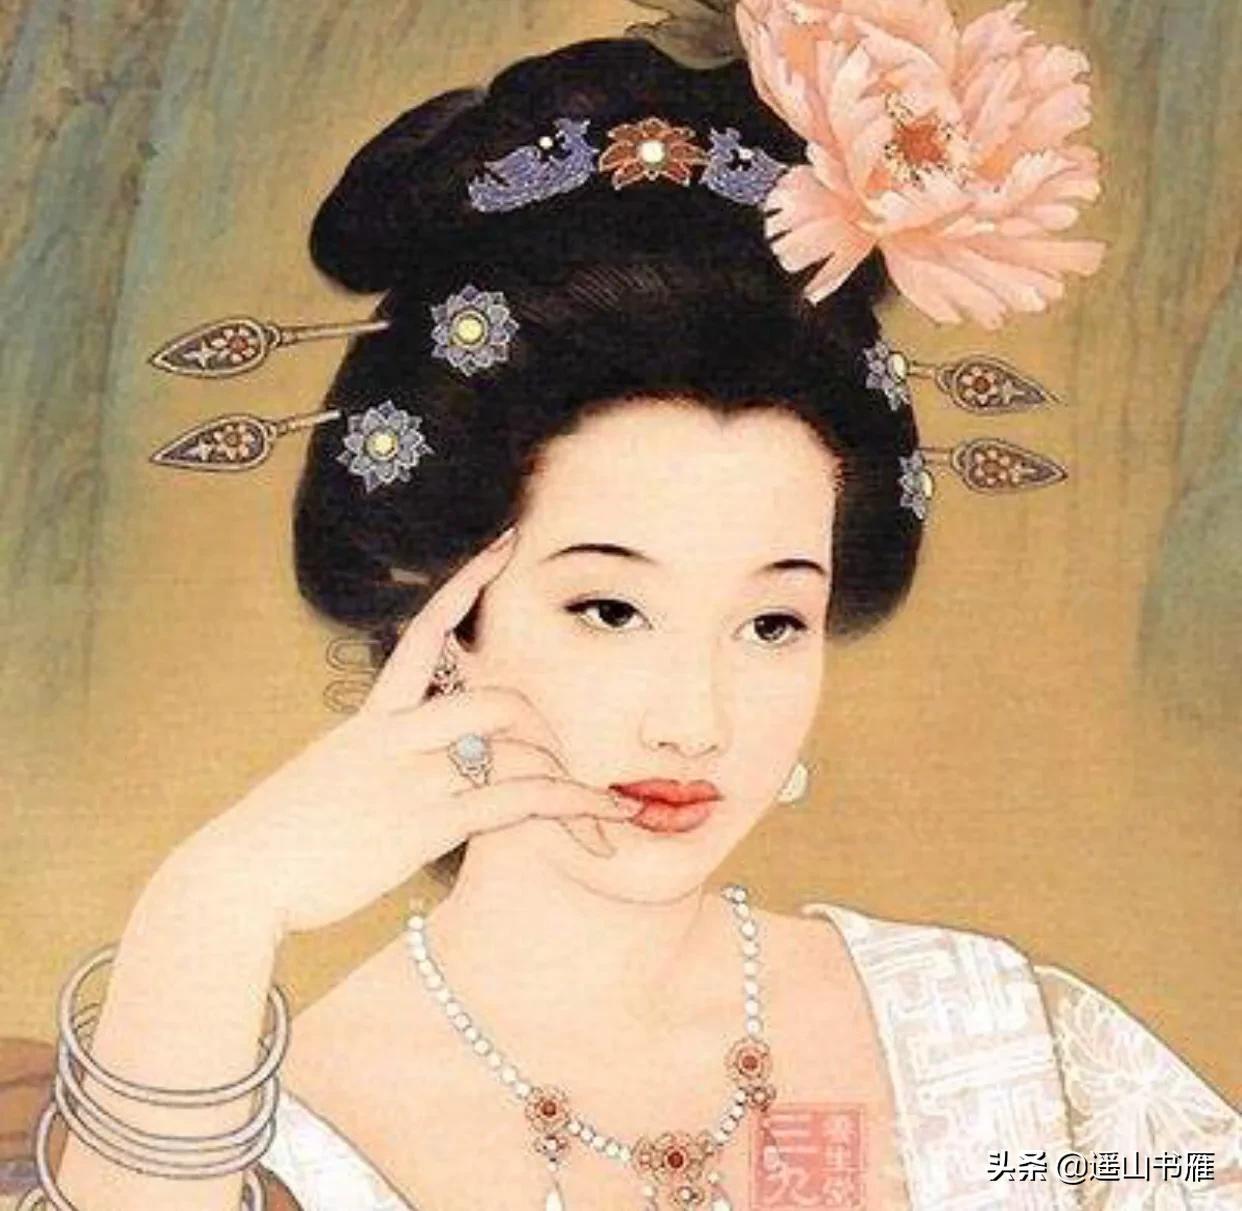 中国古代婚恋观念的变迁——性文化从开放到禁锢的转折